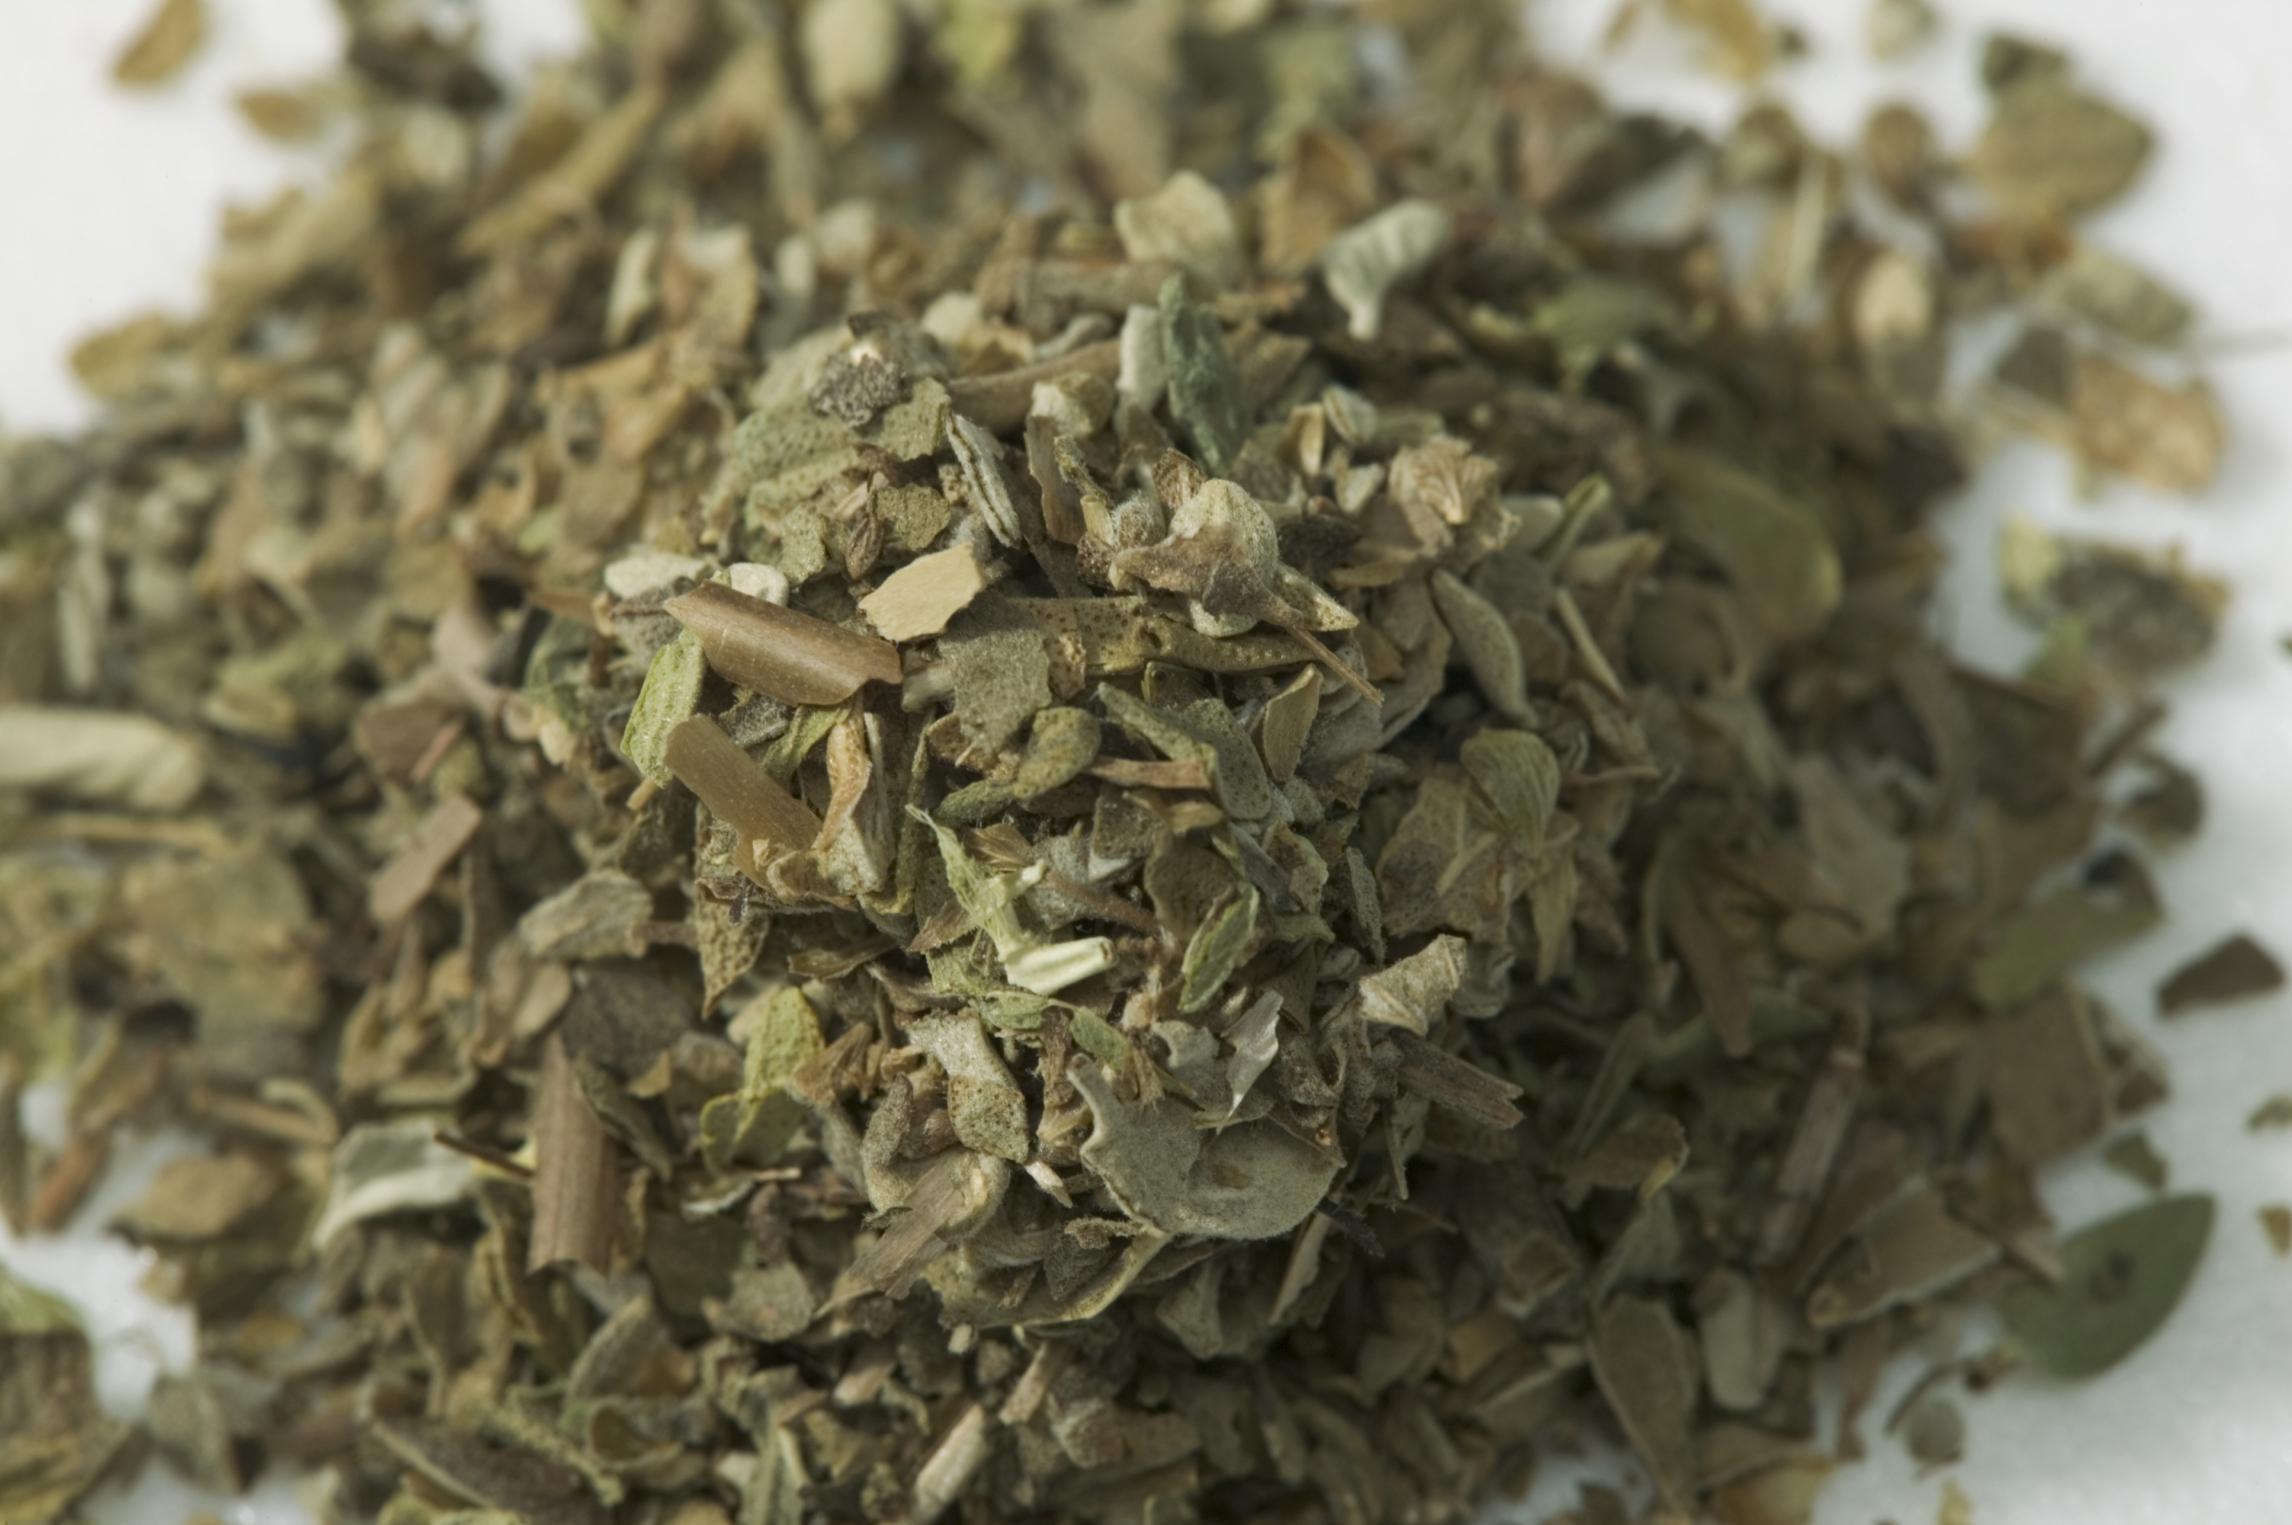 Oregano herb - medicinal properties, recipes, contraindications 92